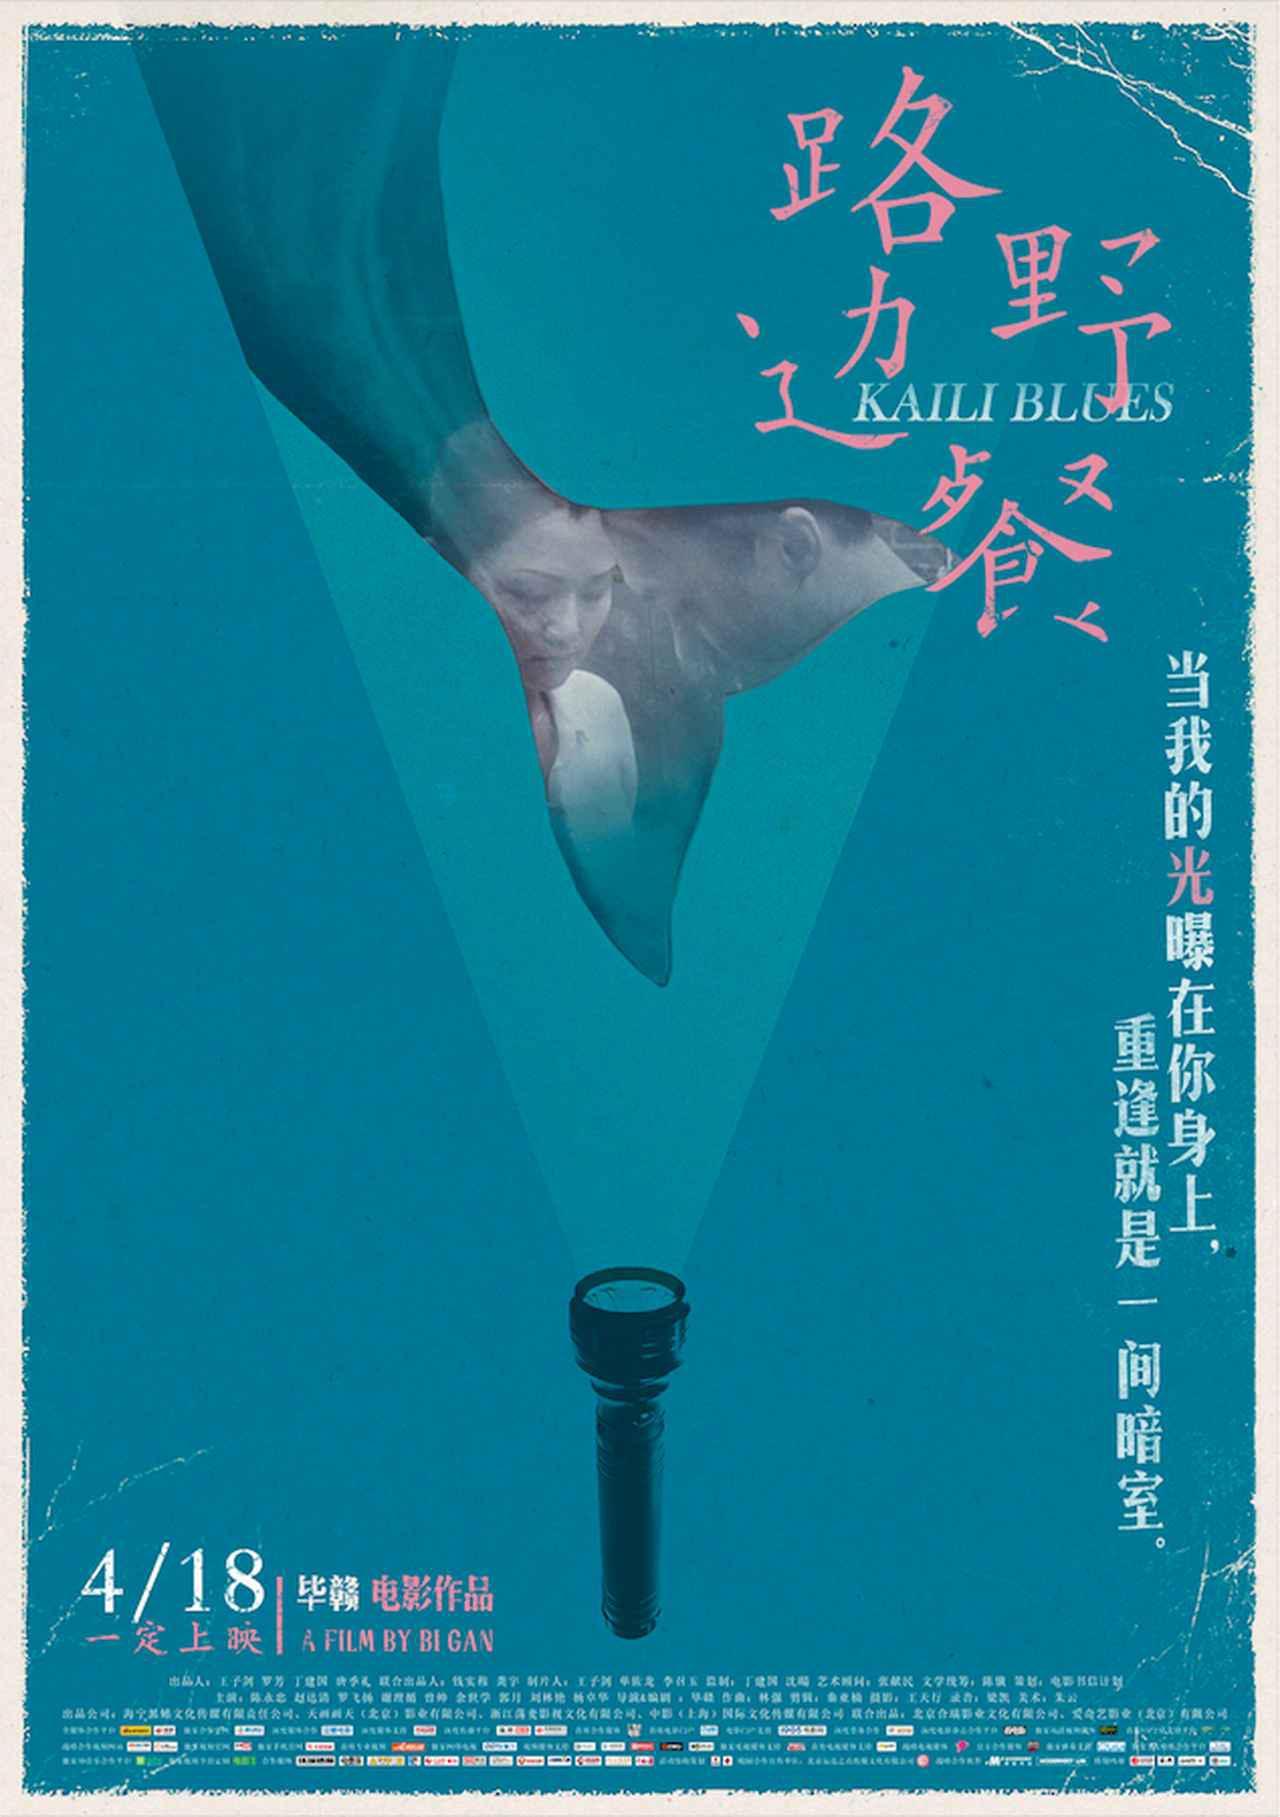 画像3: ©Blackfin(Beijing)Culture & MediaCo.,Ltd – Heaven Pictures(Beijing)The Movie Co., - LtdEdward DING – BI Gan / ReallyLikeFilms